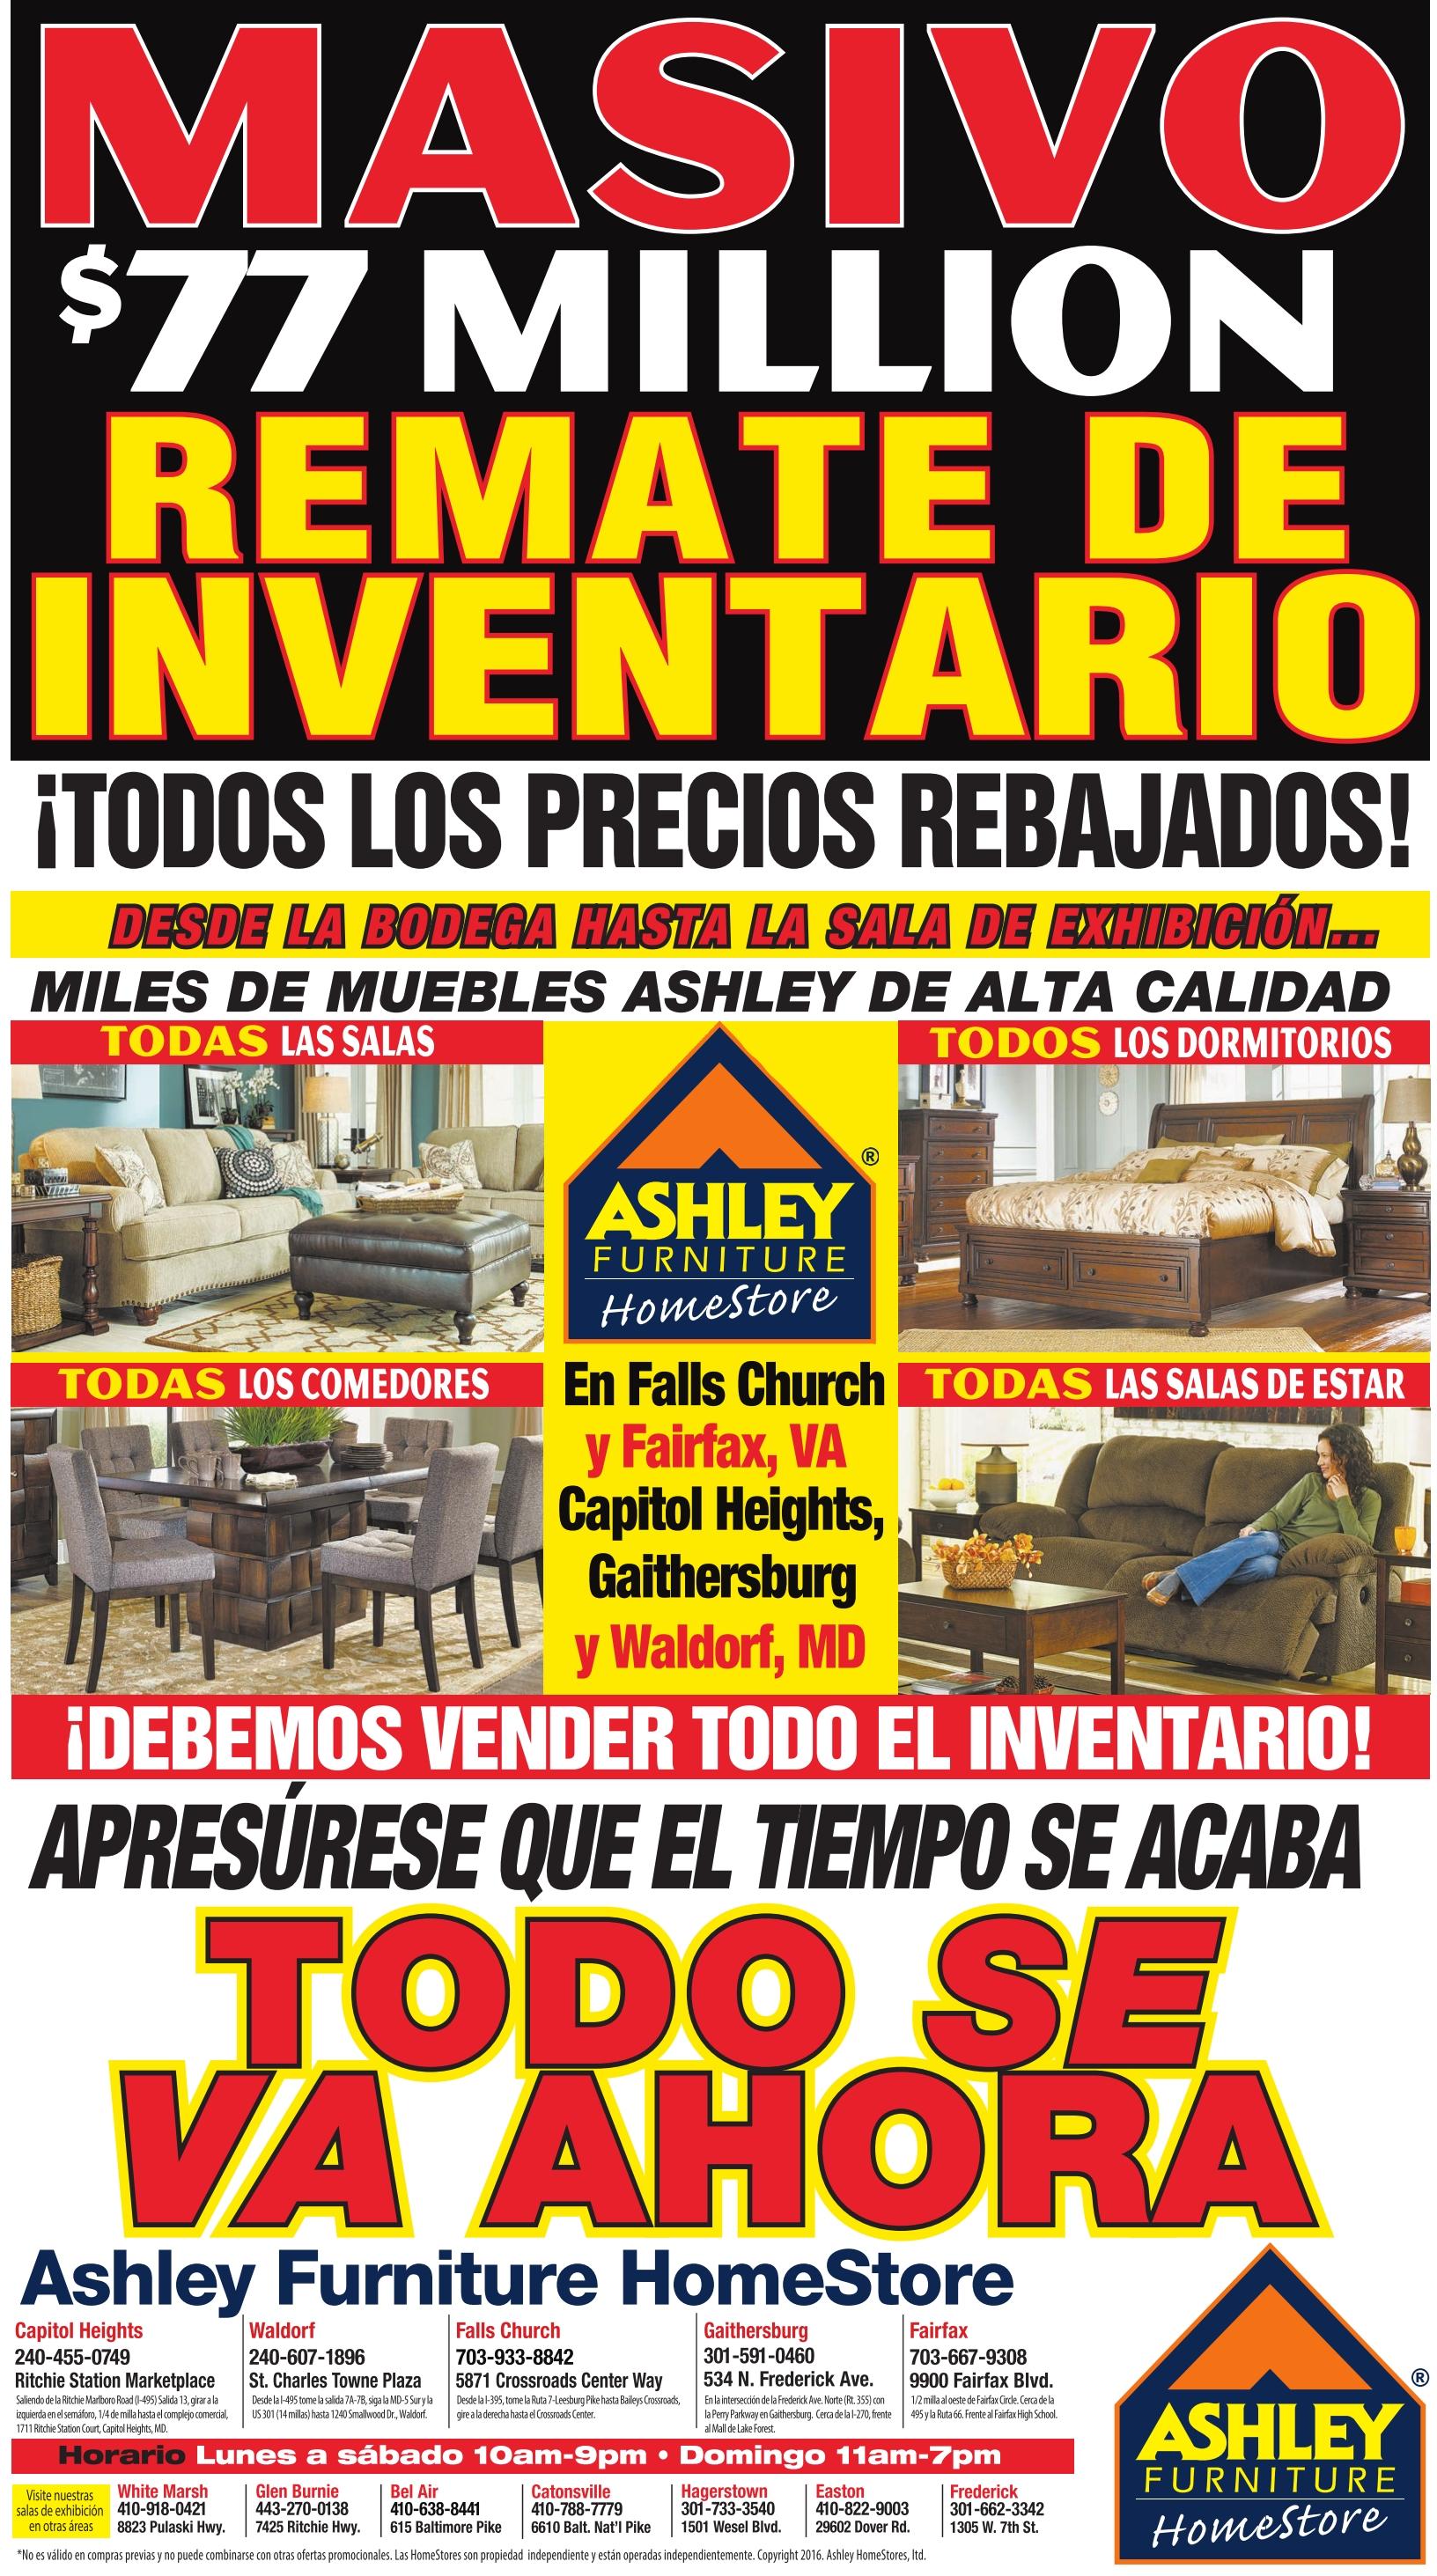 Masivo $77 Million REMATE DE INVENTARIO, Ashley Furniture HomeStore